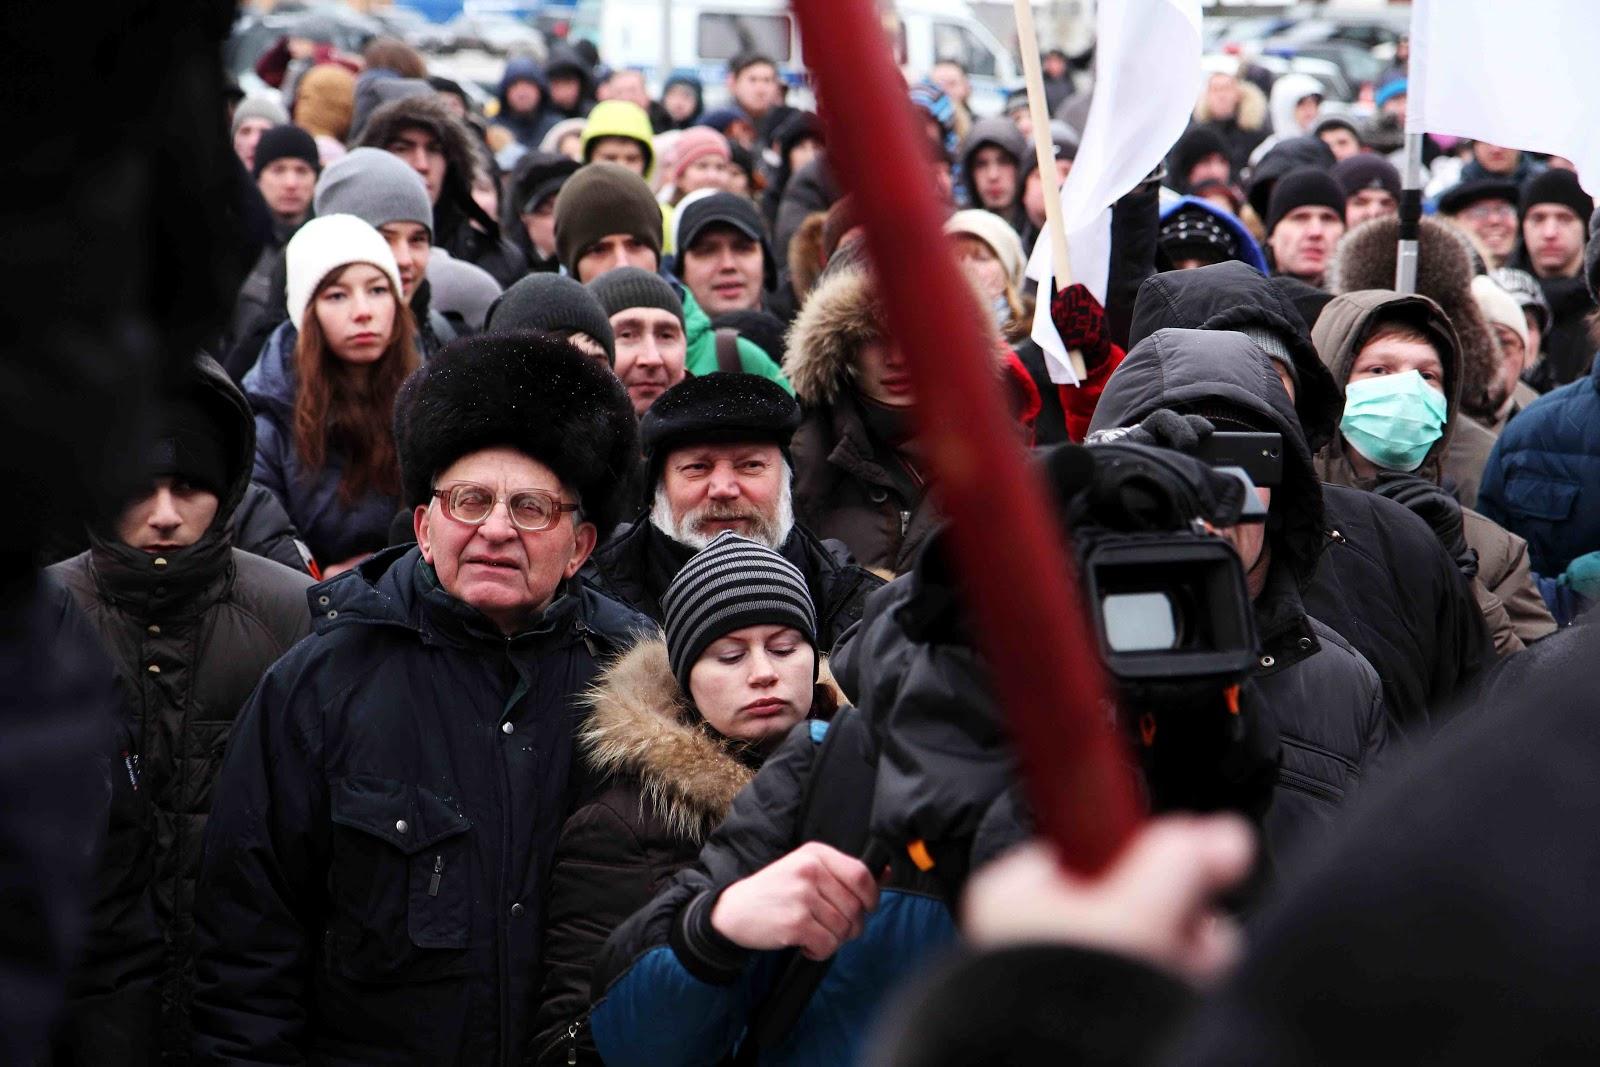 Russisk avhopper avslører kampanje mot Norge